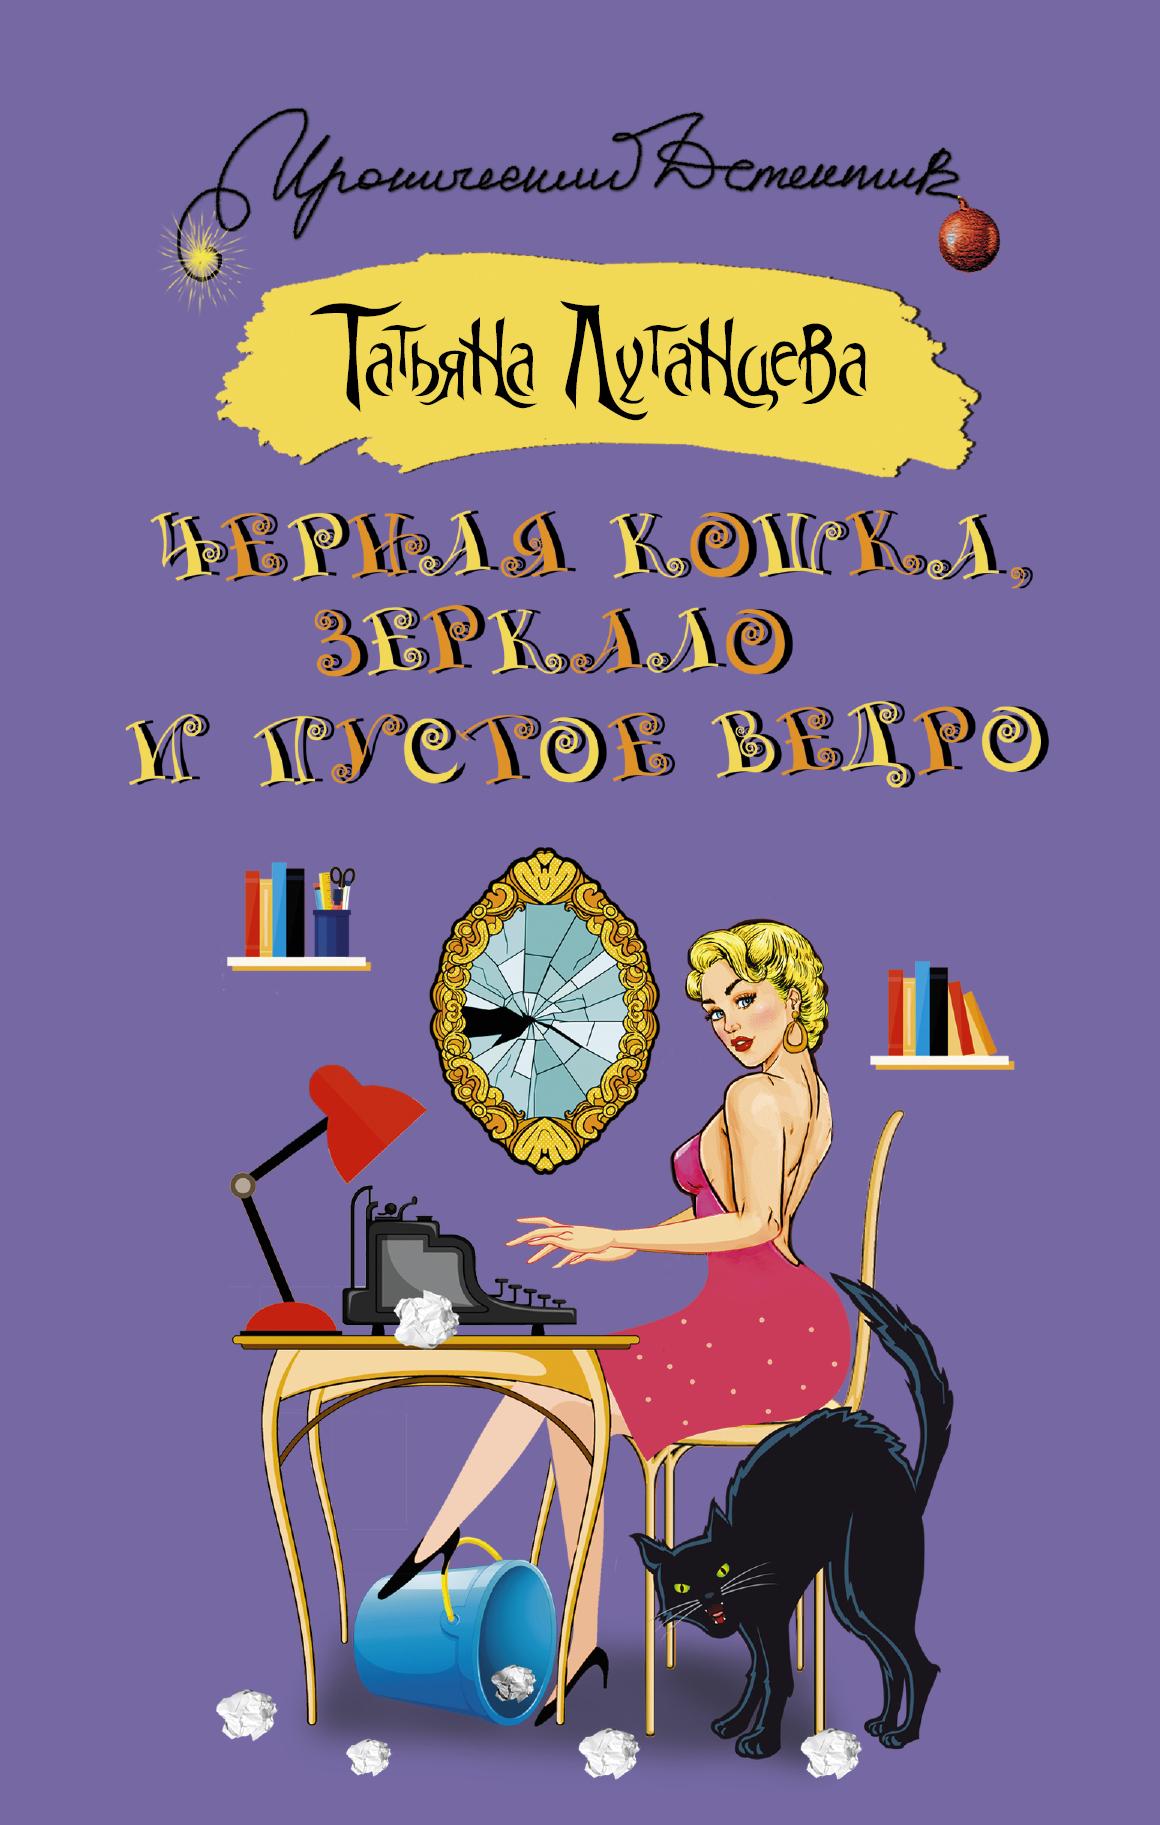 Луганцева Т.И. Черная кошка, зеркало и пустое ведро